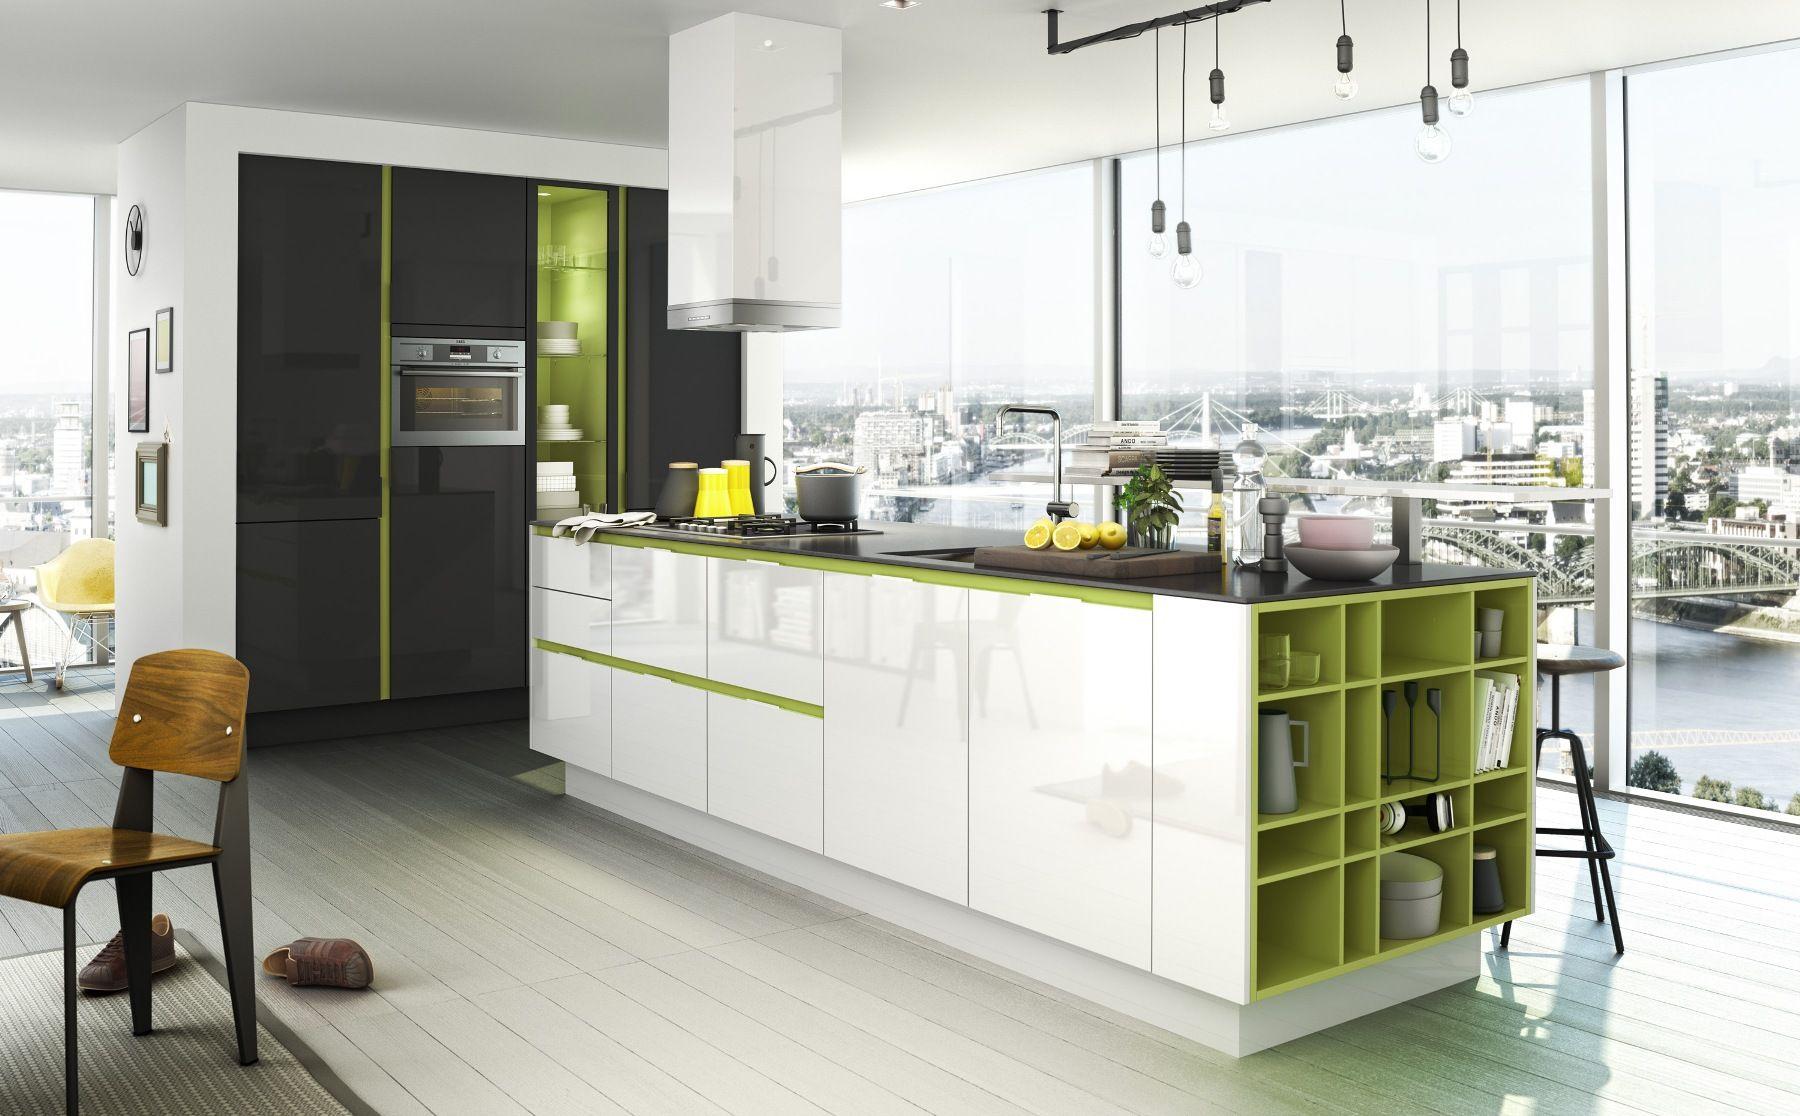 Siematic Keuken Onderdelen : aanbiedingen SieMatic S3. luxe design greeploze keuken [48623